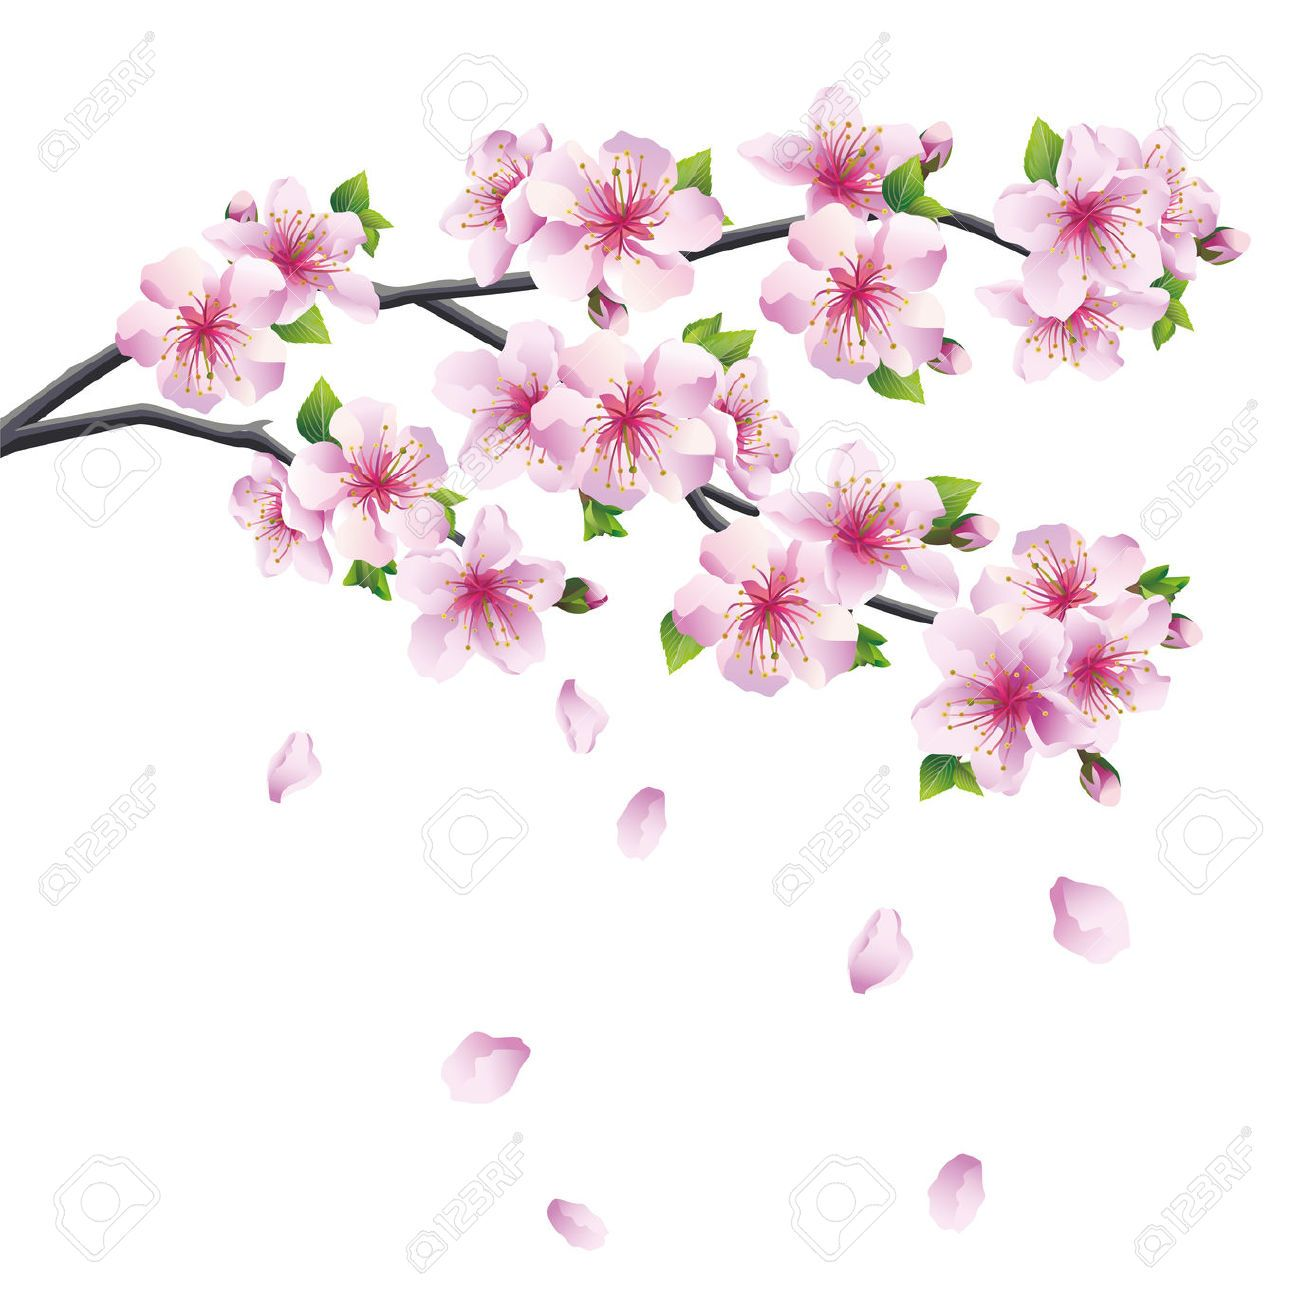 Dessin fleur de cerisier banque d 39 images vecteurs et - Dessin fleur de cerisier ...